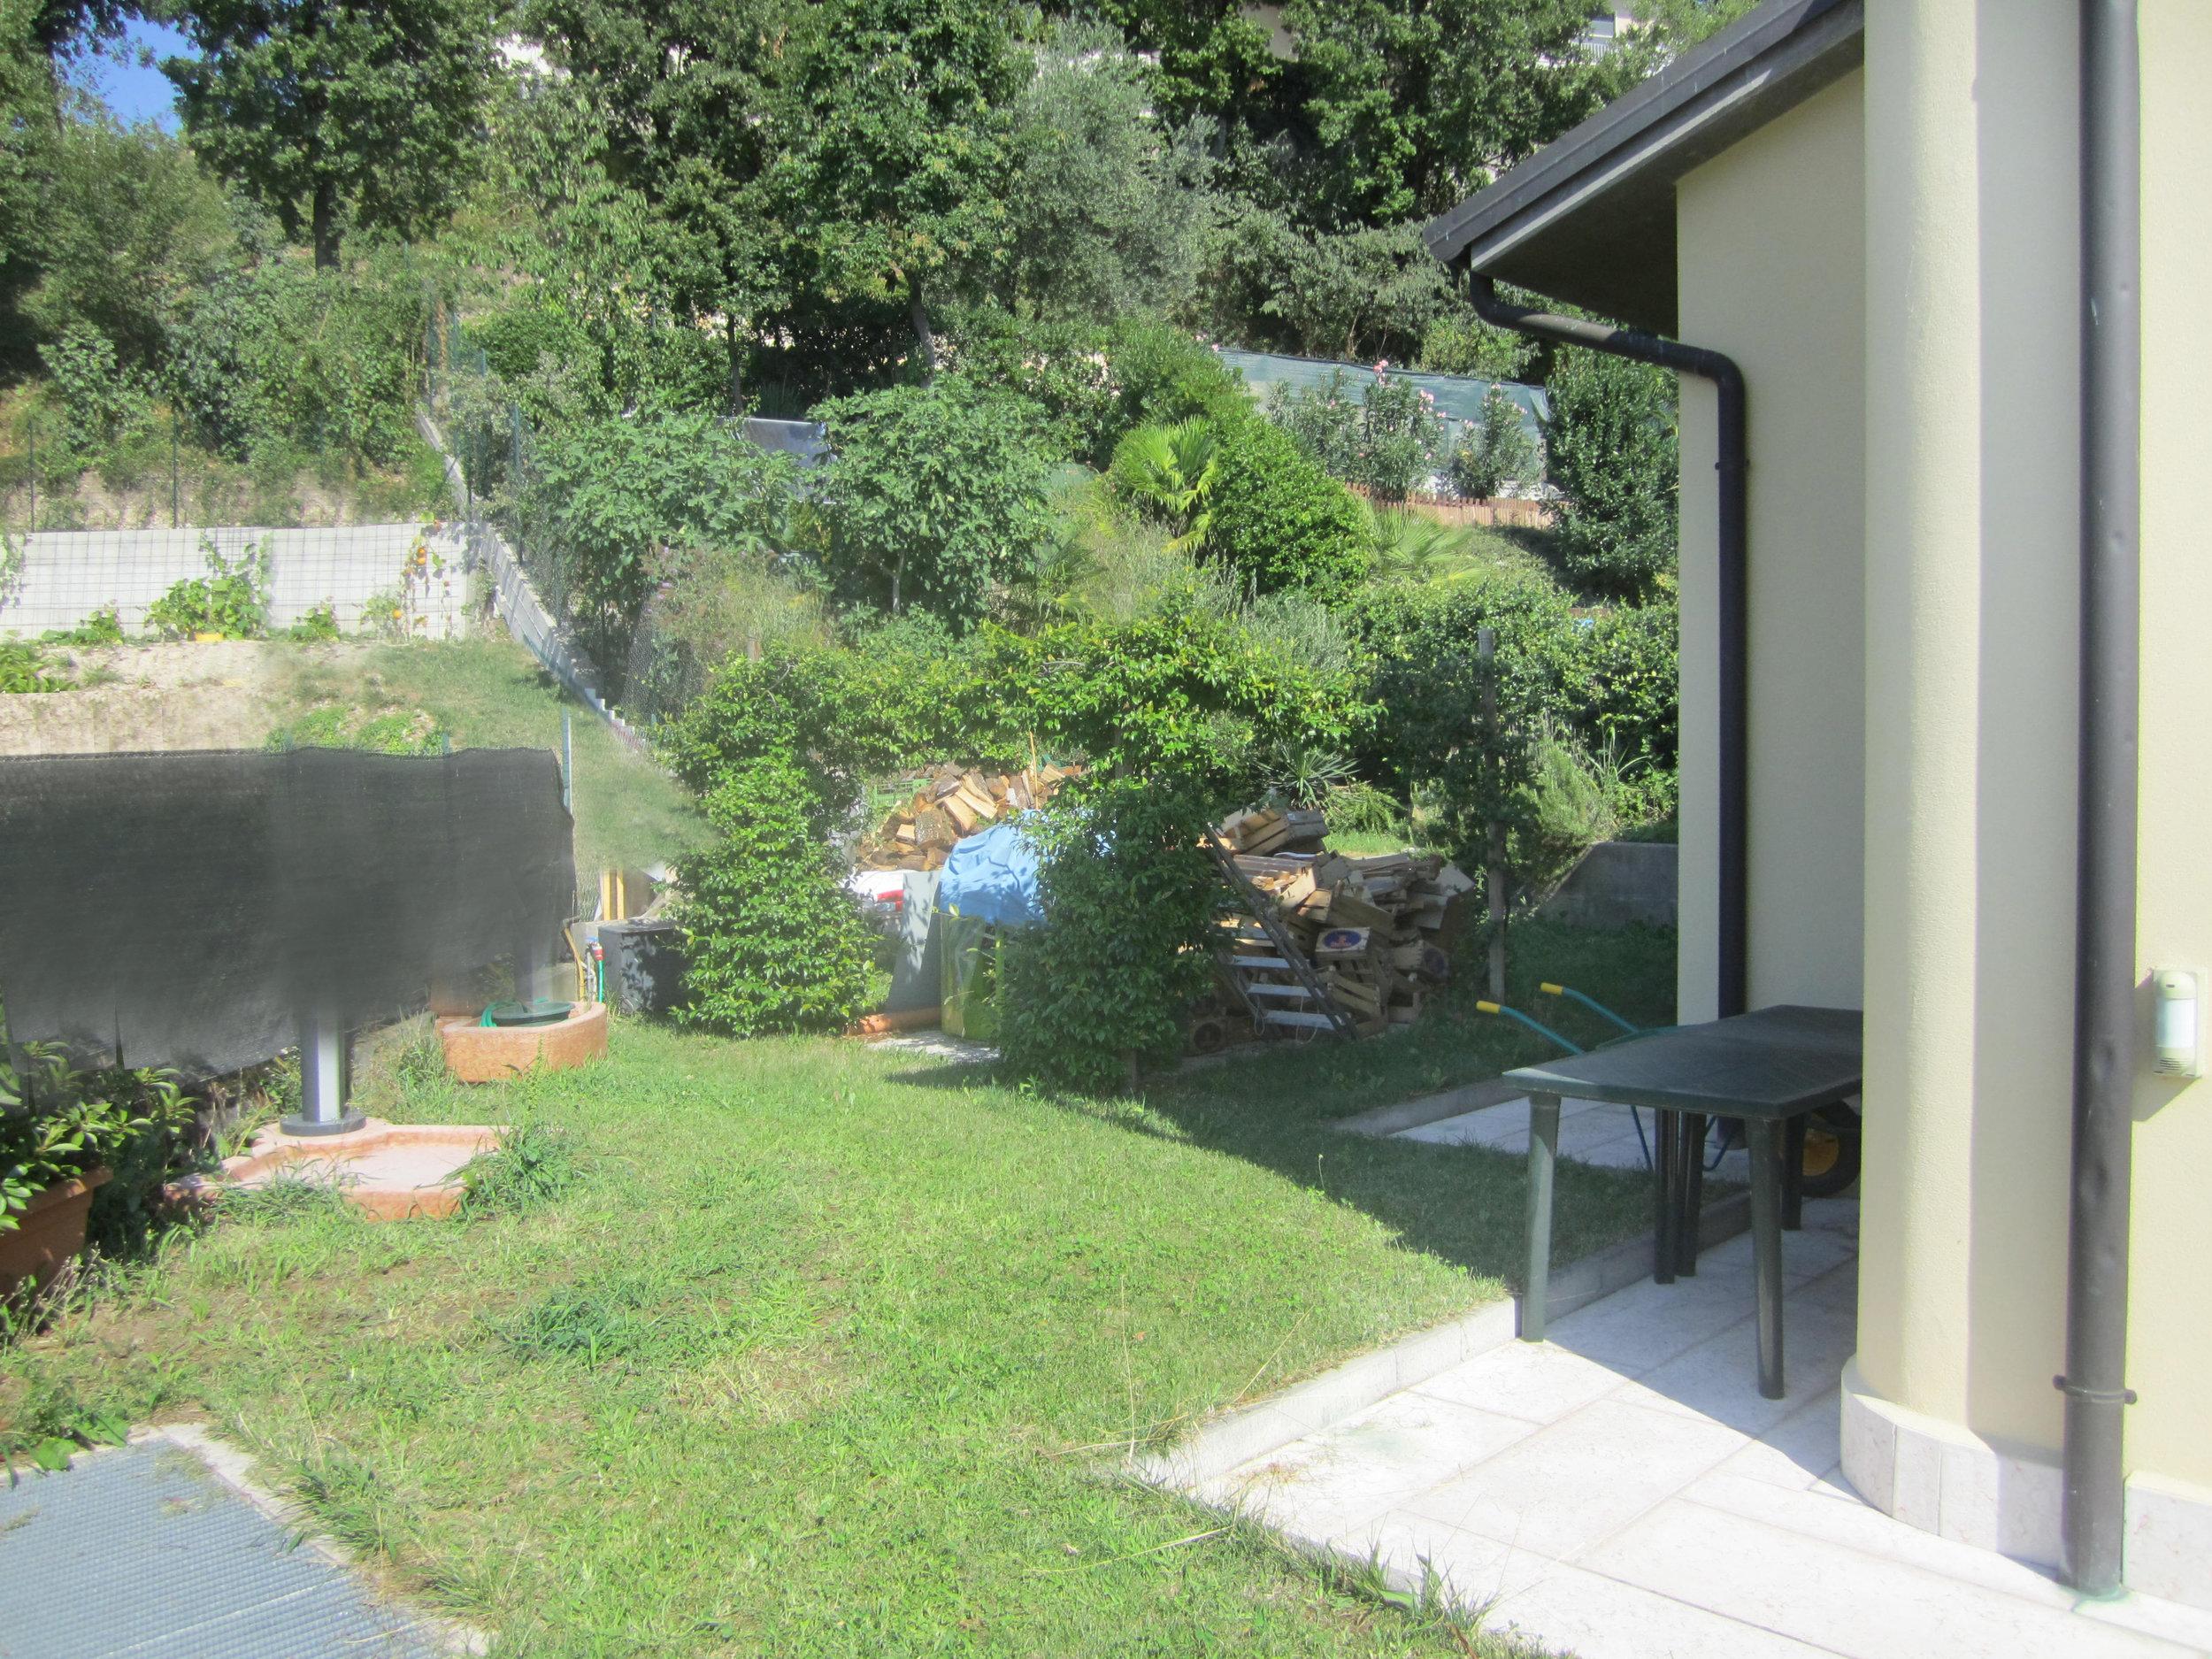 giardino_privato_foto_esterno_cortile